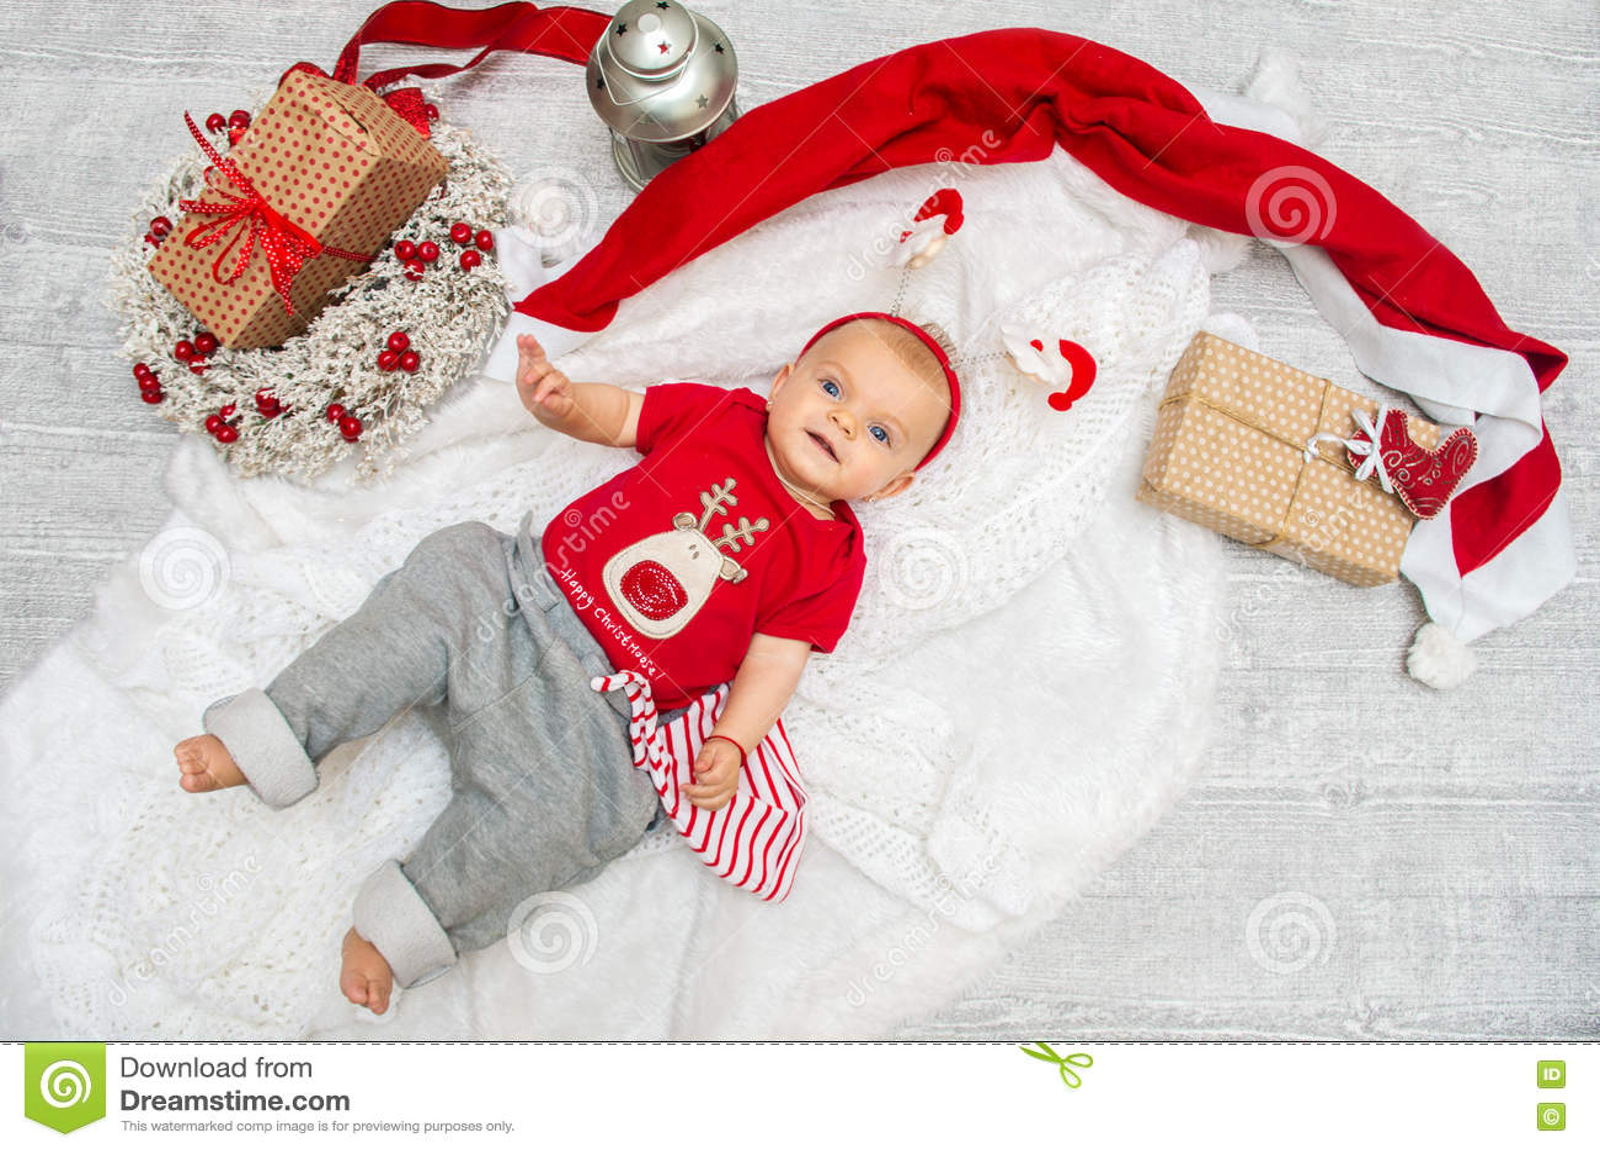 Weihnachtsbaby Sechs Monate Am Vorabend Des Weihnachten Mit GIF ...